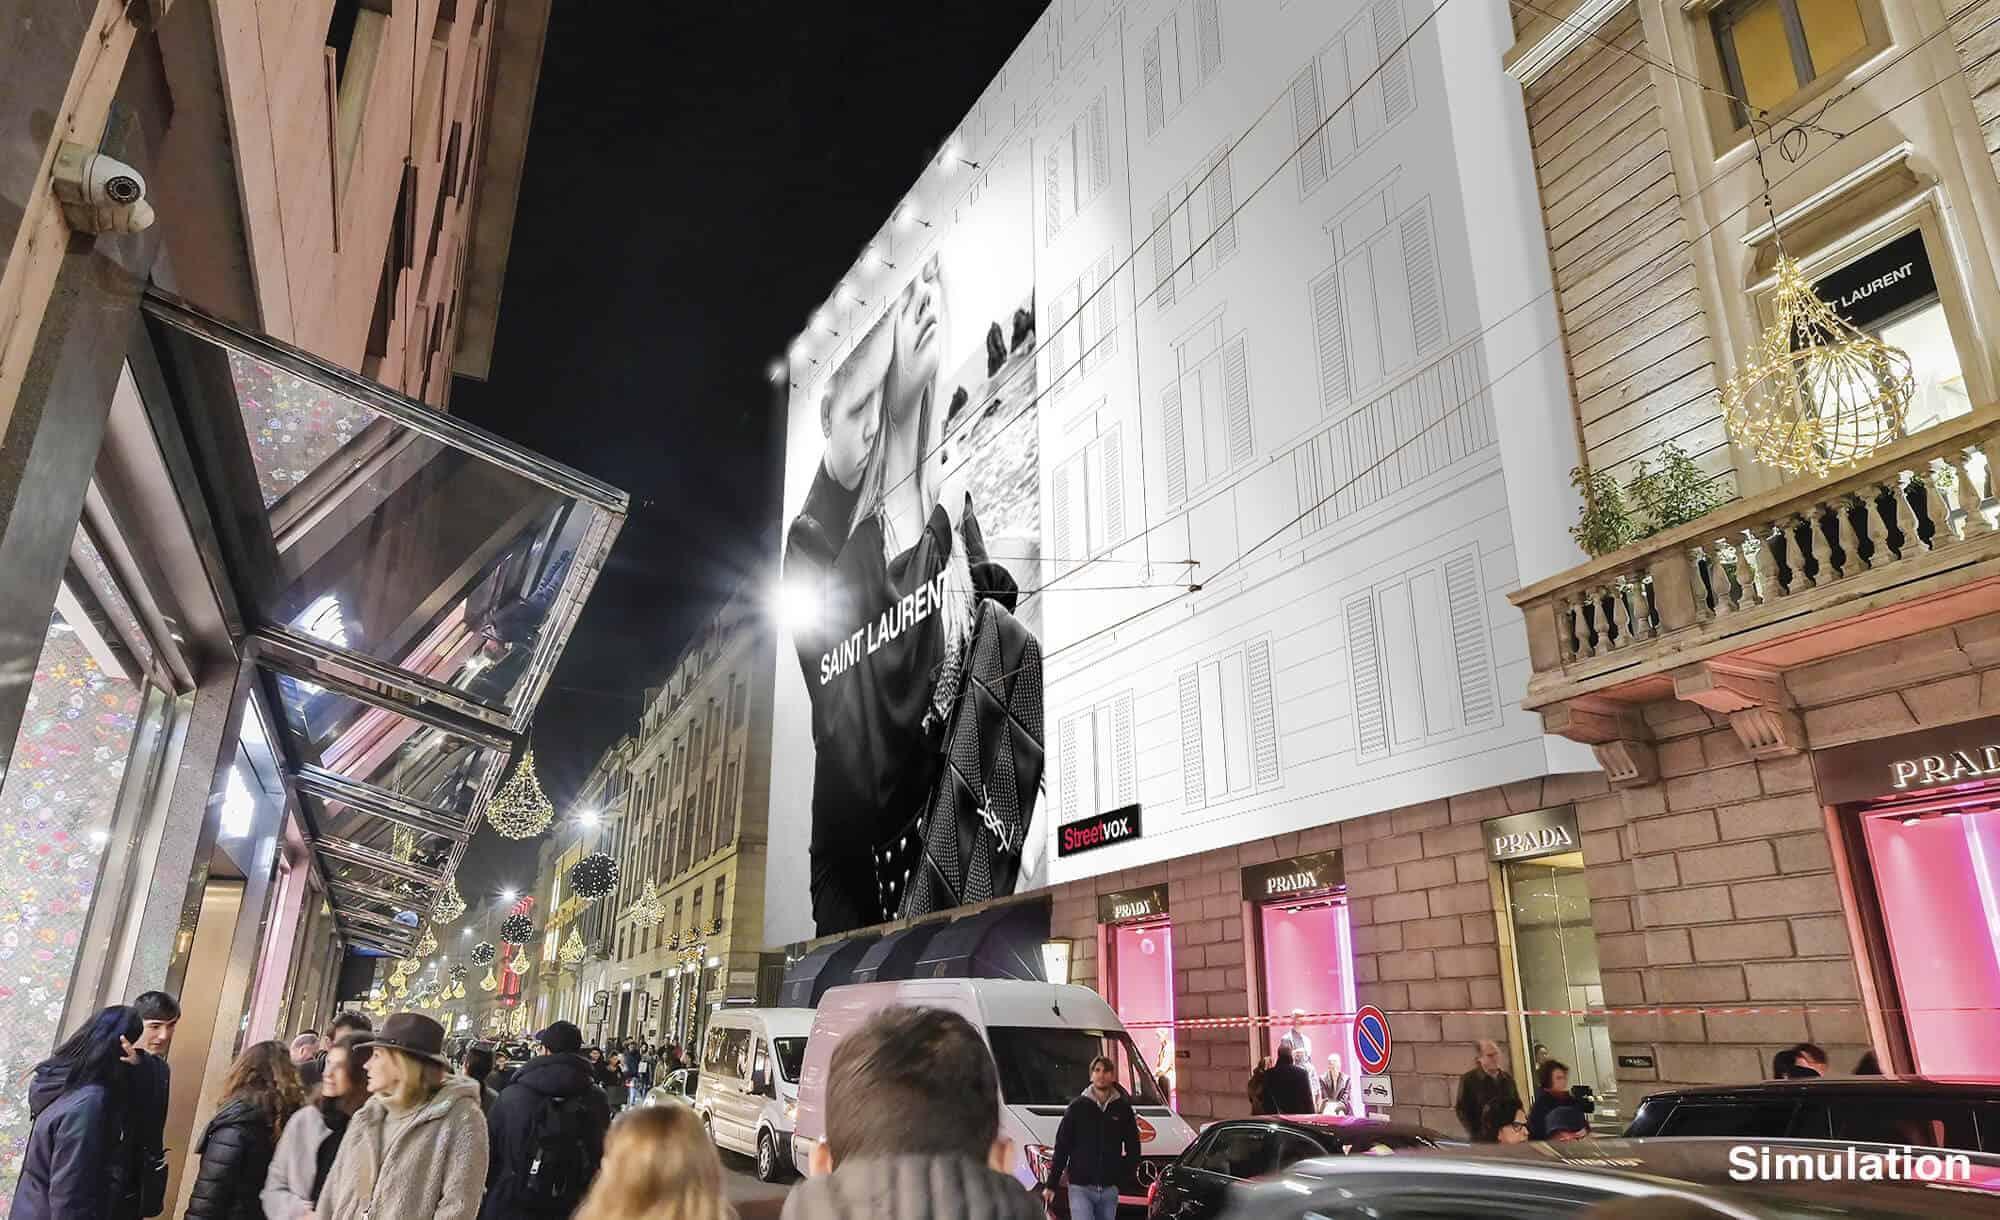 Maxi Affissione Streetvox Via Monte Napoleone 8 a Milano con Saint Laurent (Fashion)